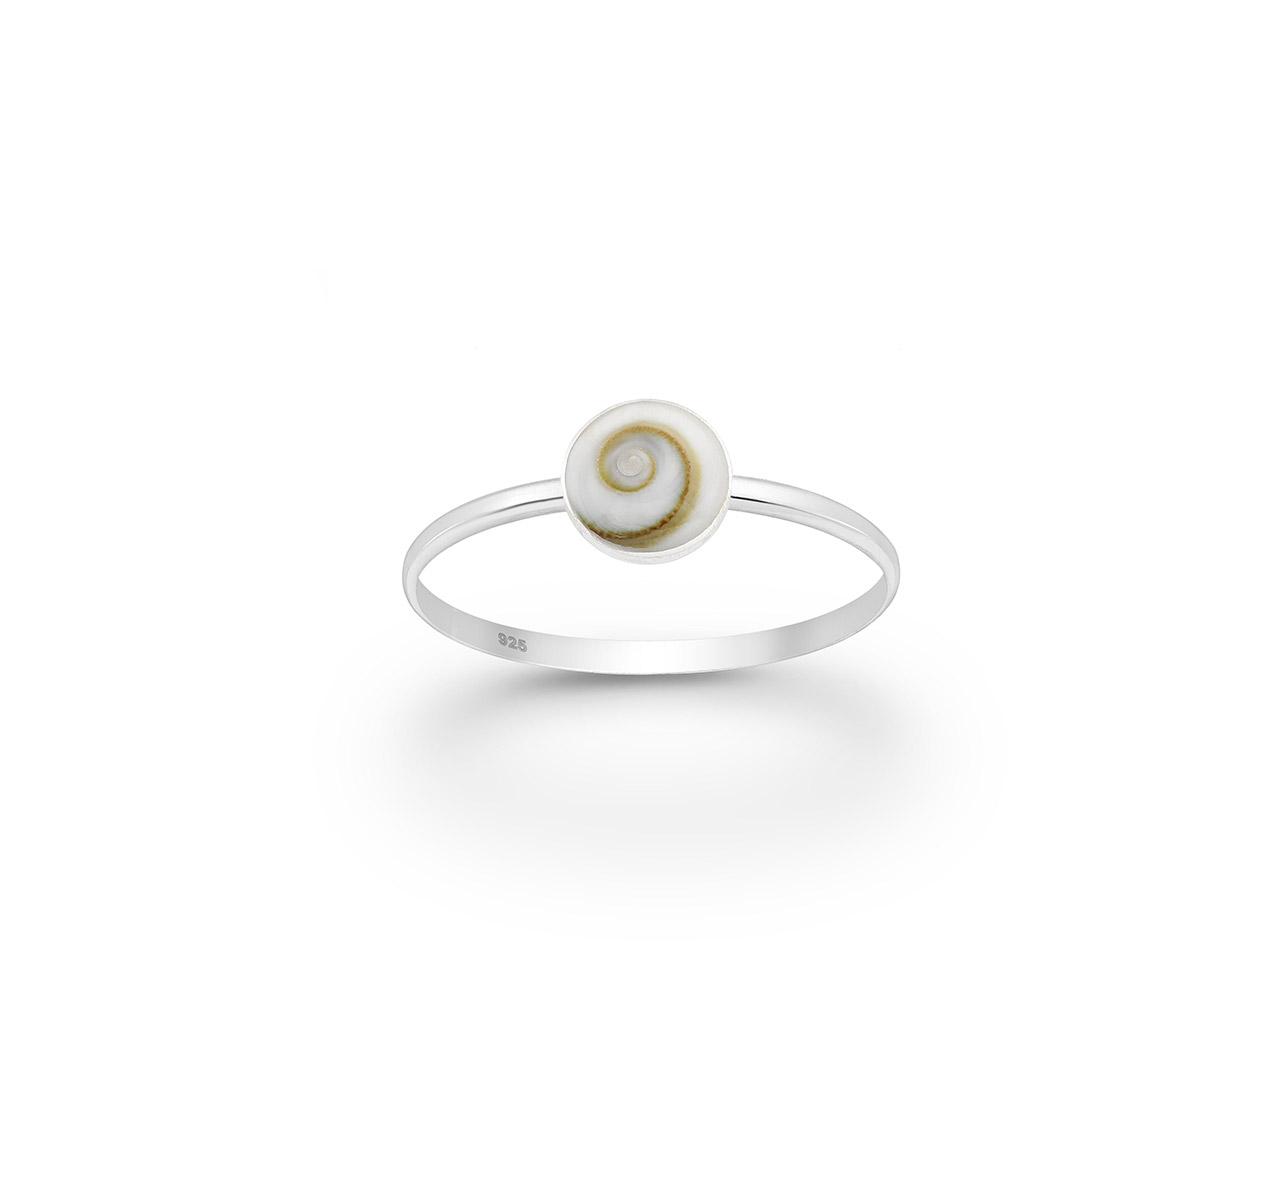 Ασημένιο Δαχτυλίδι με Κοχύλι Shiva